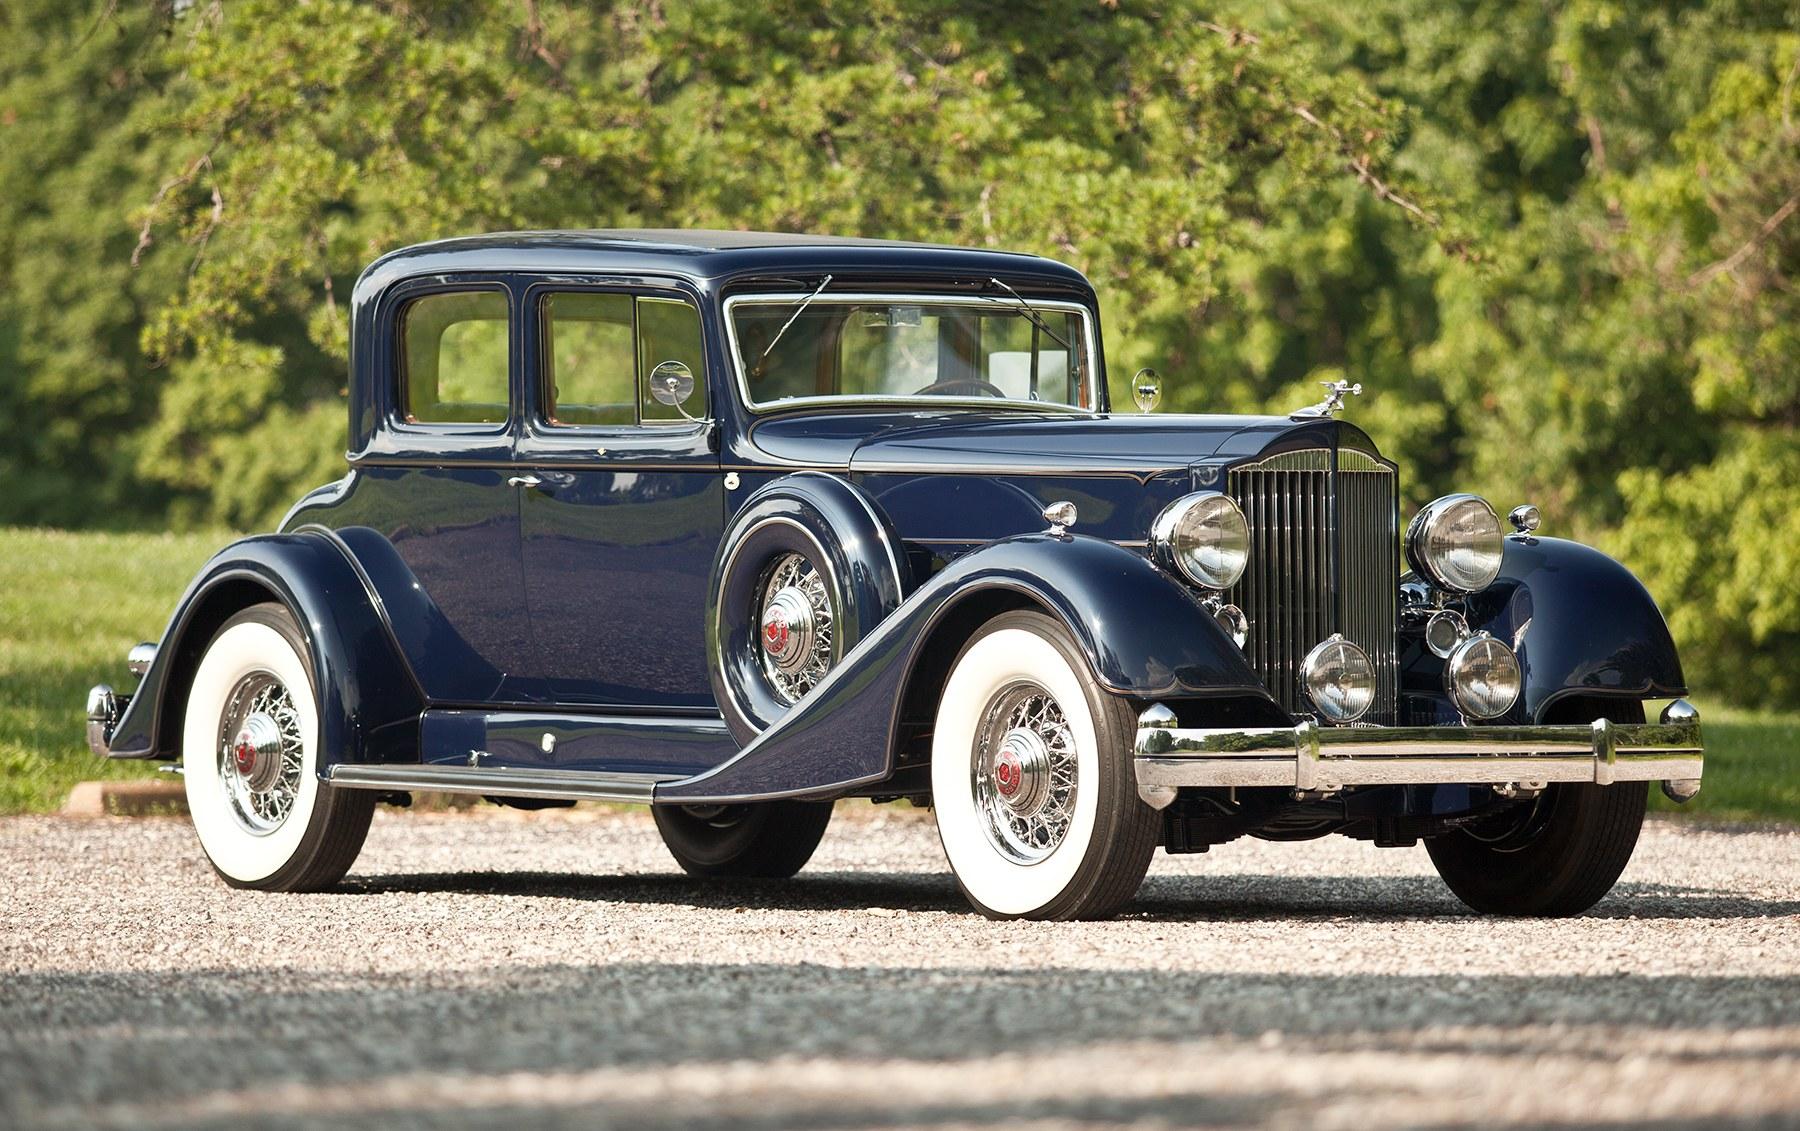 1934 Packard Twelve Model 1107 Victoria Coupe